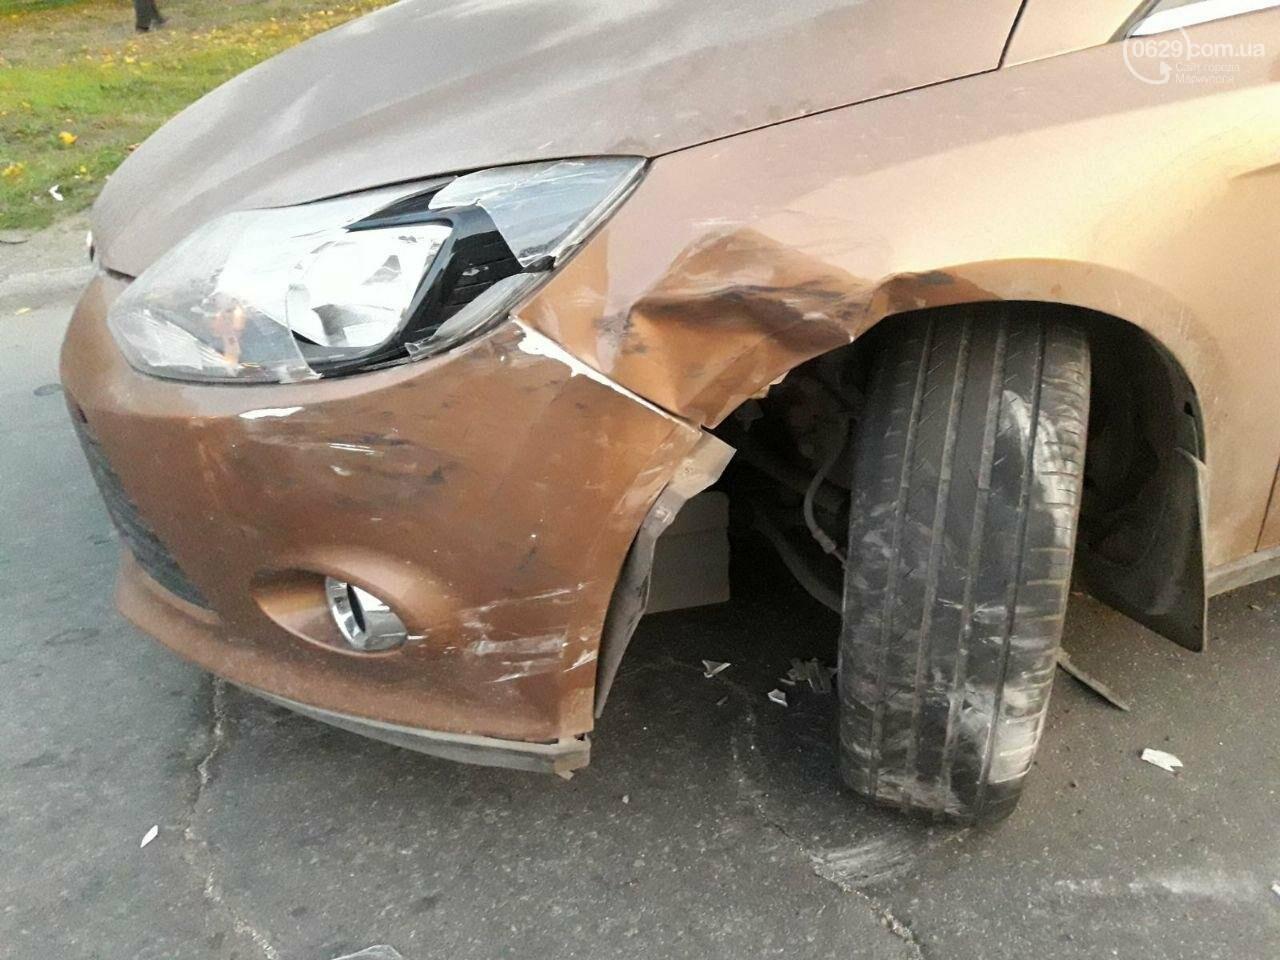 """Третье ДТП за день. На выезде из Мариуполя внедорожник ударил """"Форд"""" и скрылся, - ФОТО, фото-1"""